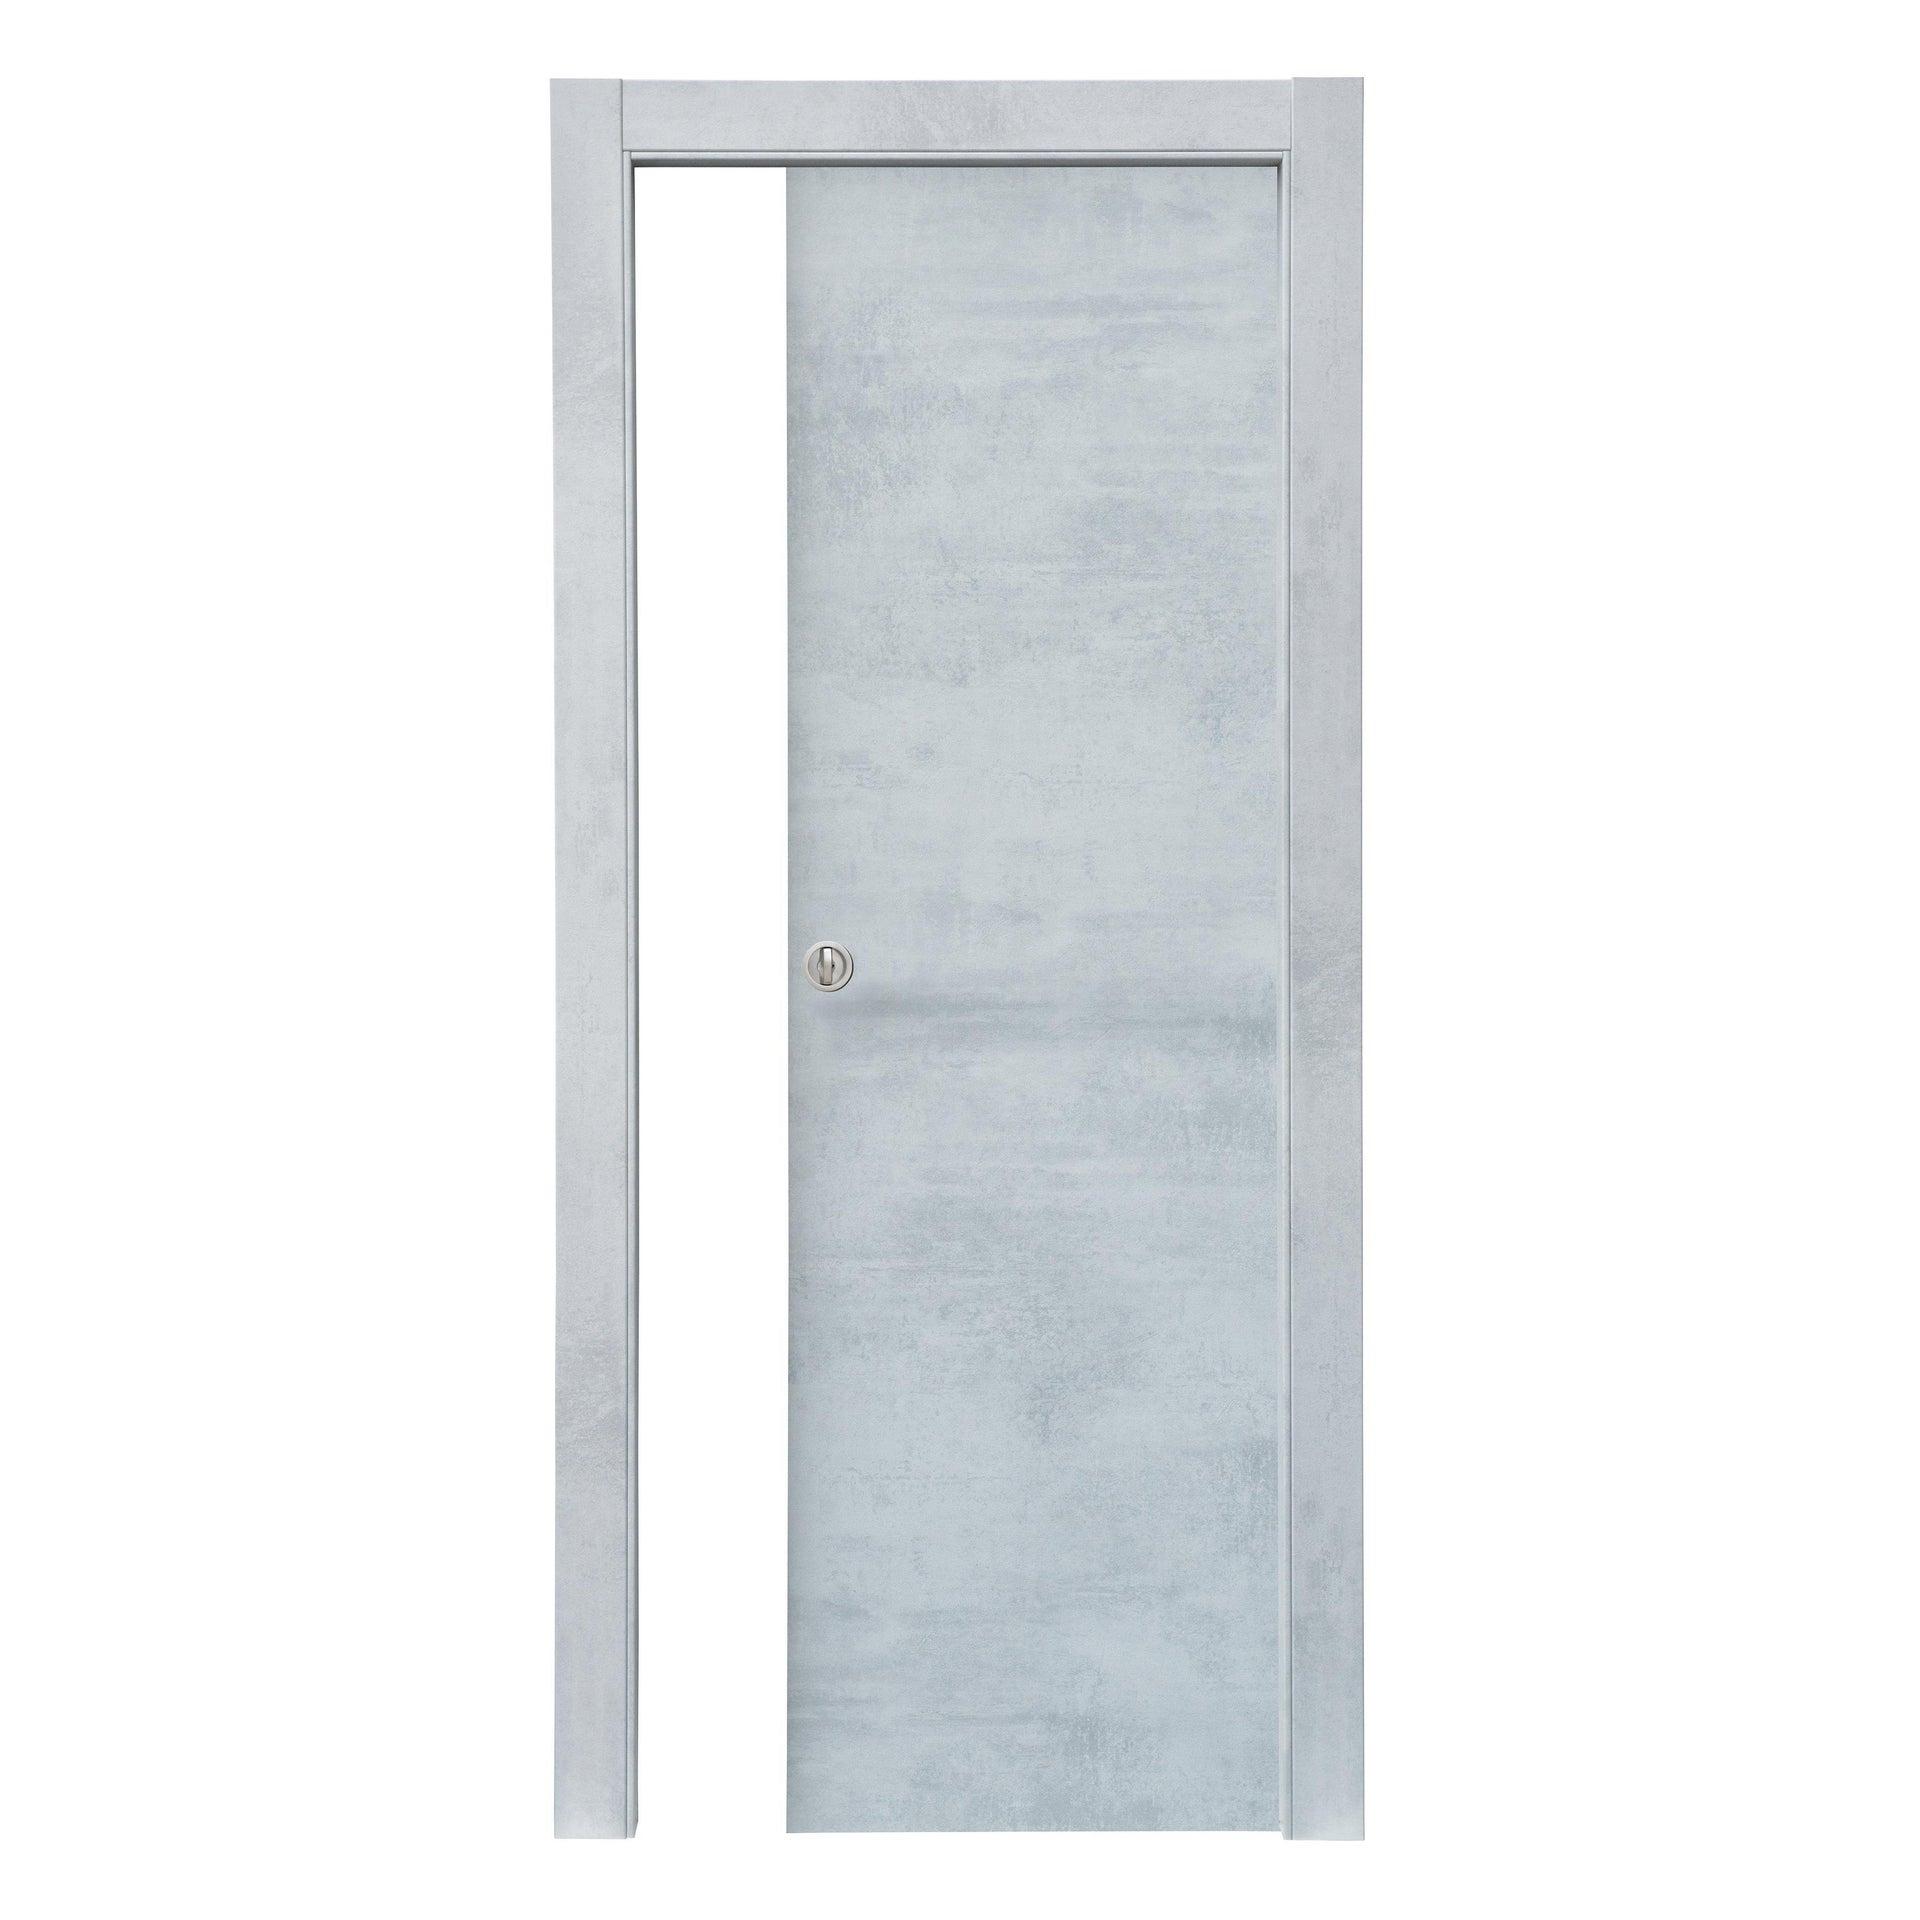 Porta scorrevole a scomparsa Cemento grigio L 70 x H 210 cm reversibile - 3